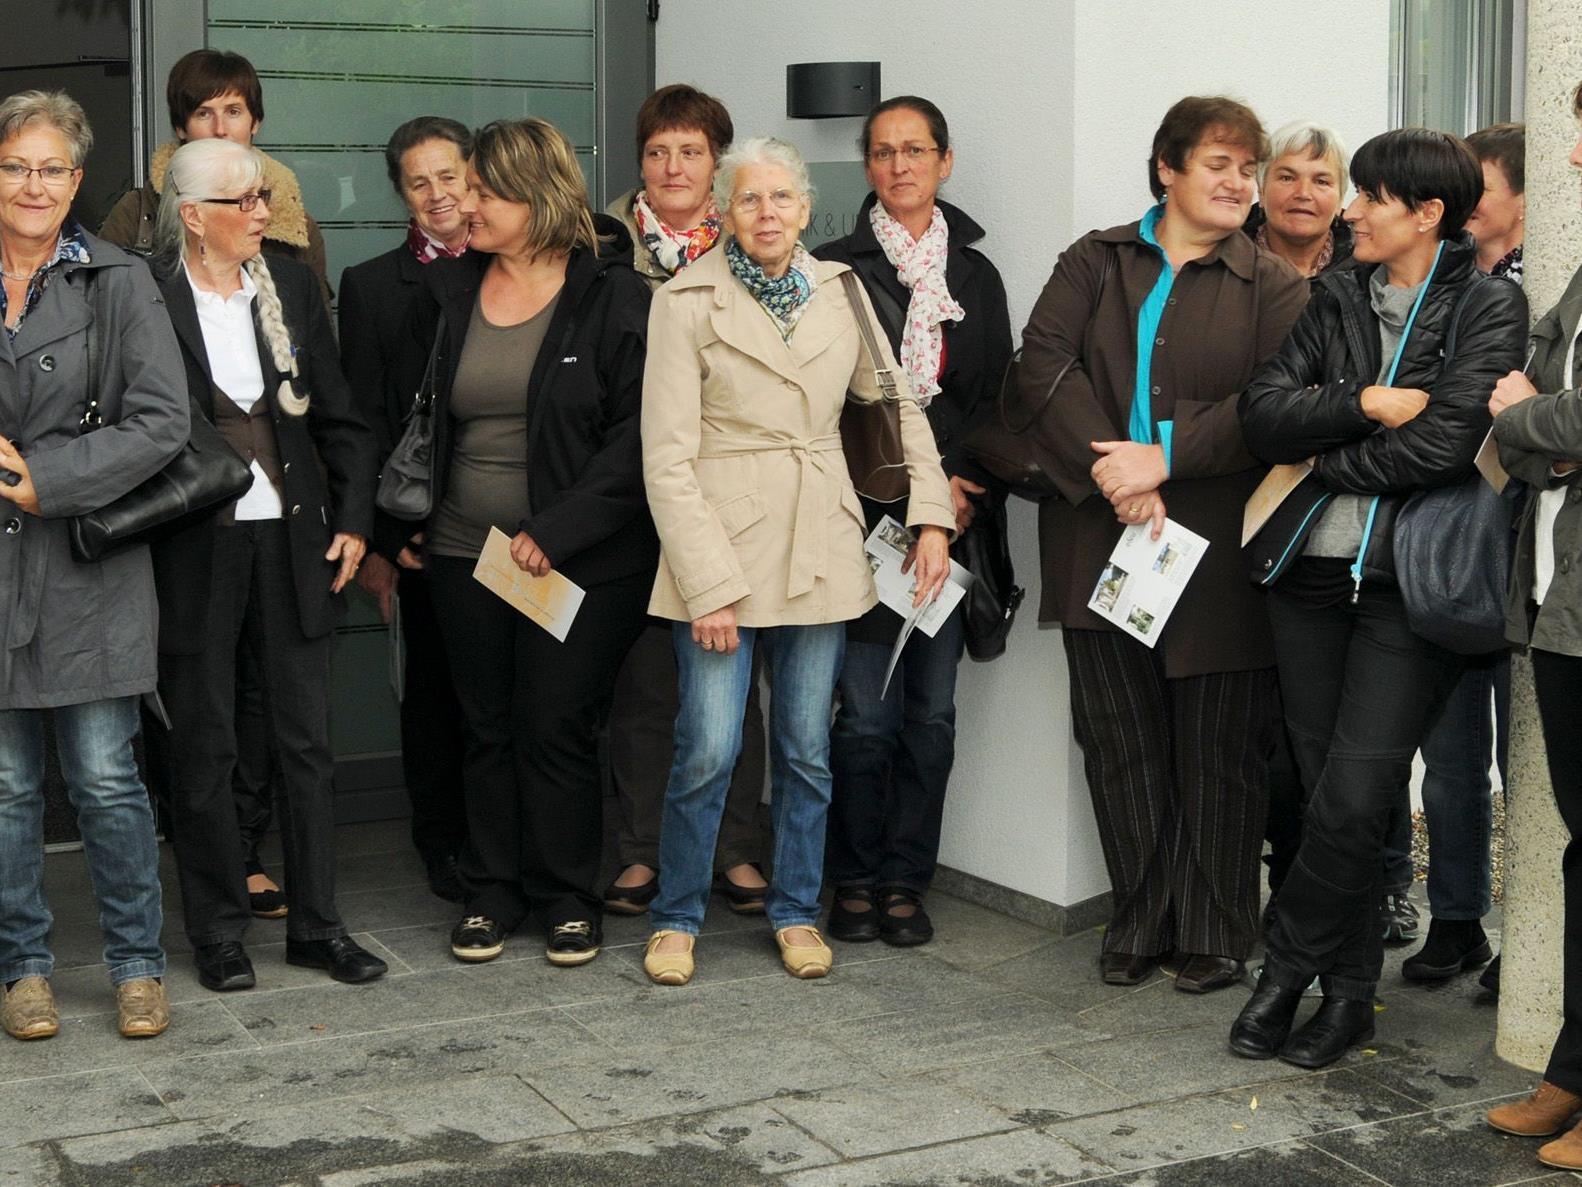 Mitgieder des Frauenbundes Egg besichtigten das Krematorium in Hohenems.